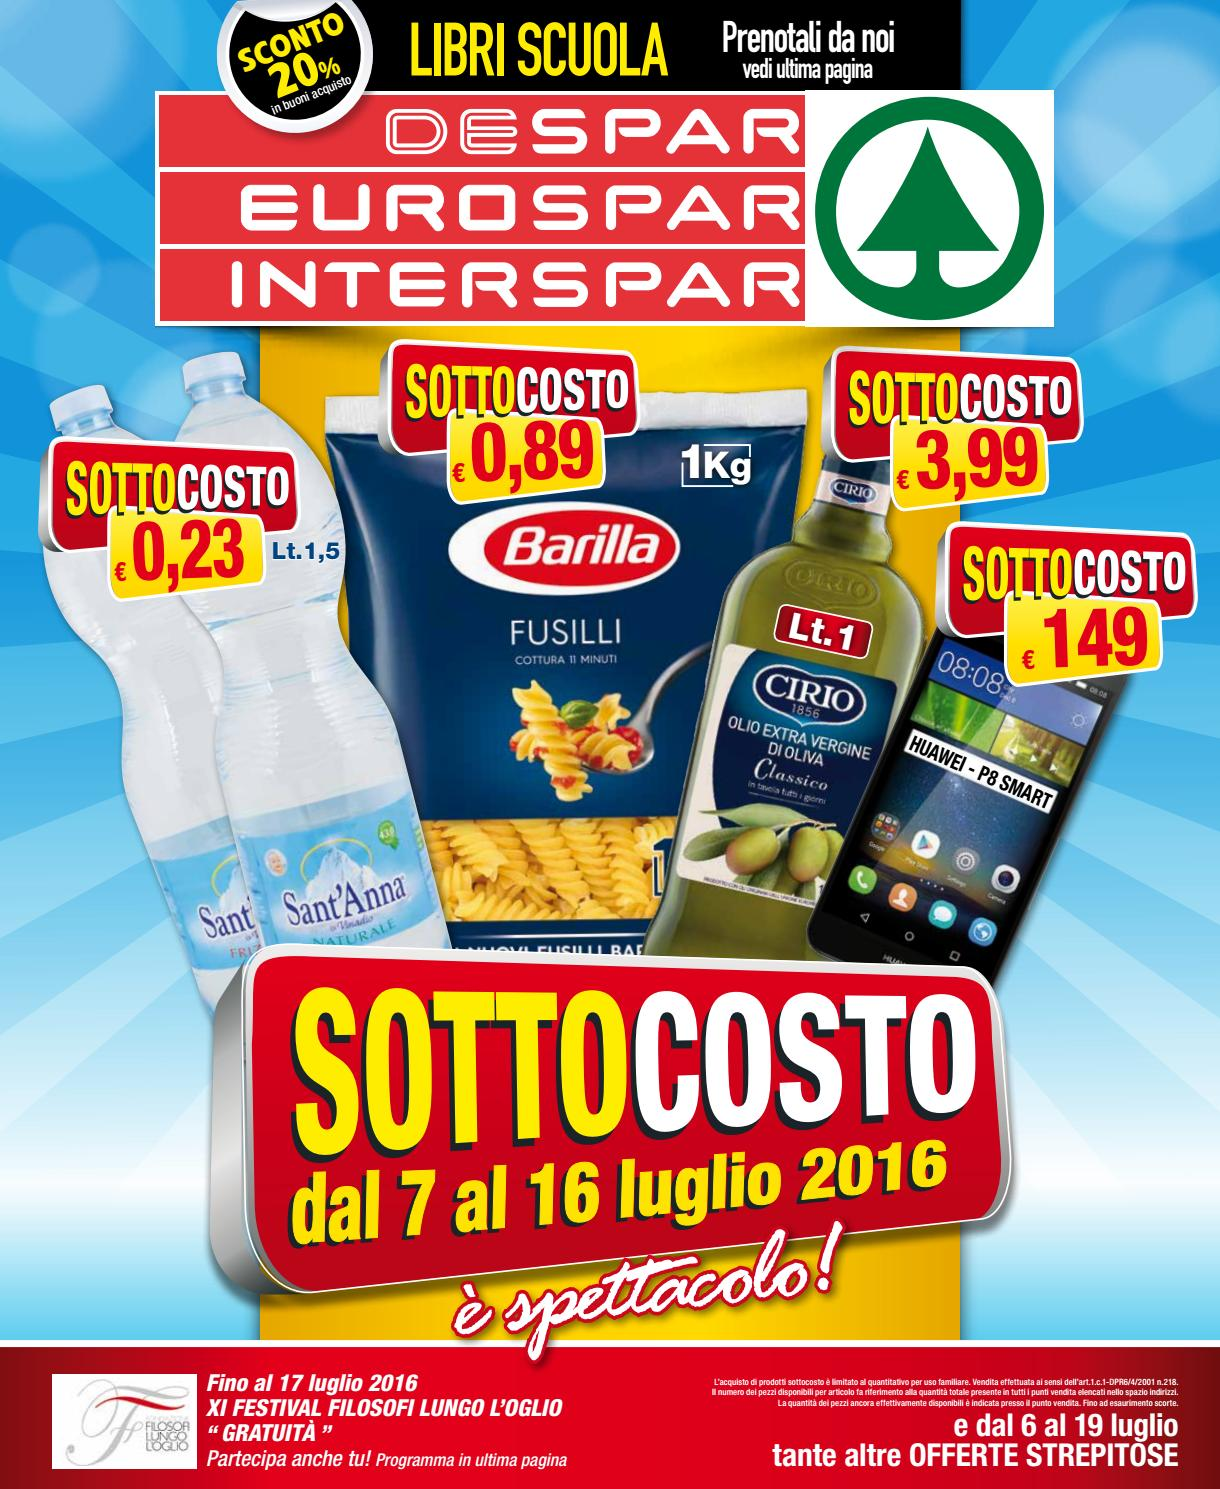 Despar eurospar interspar volantino offerte 14 2016 by for Volantino offerte despar messina